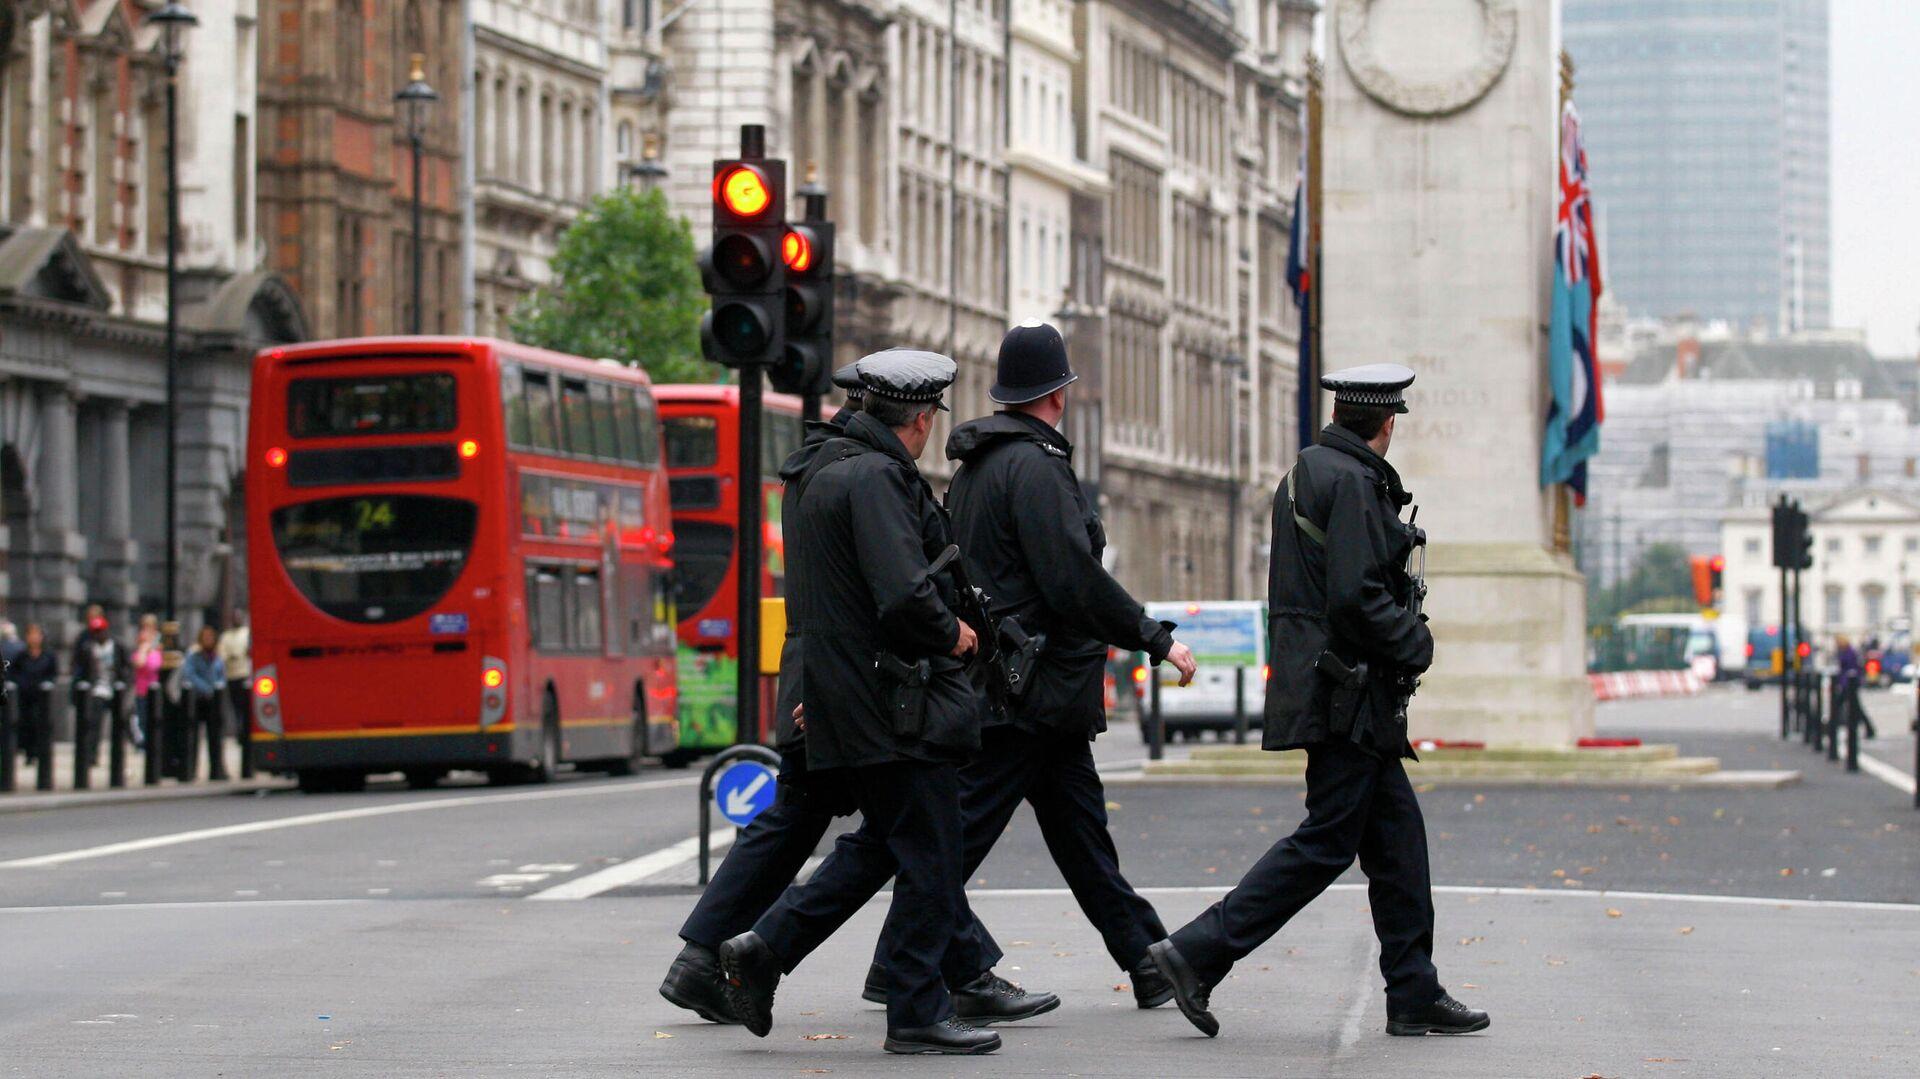 Полицейские переходят дорогу у здания Министерства иностранных дел и международного развития в Лондоне - РИА Новости, 1920, 06.07.2021